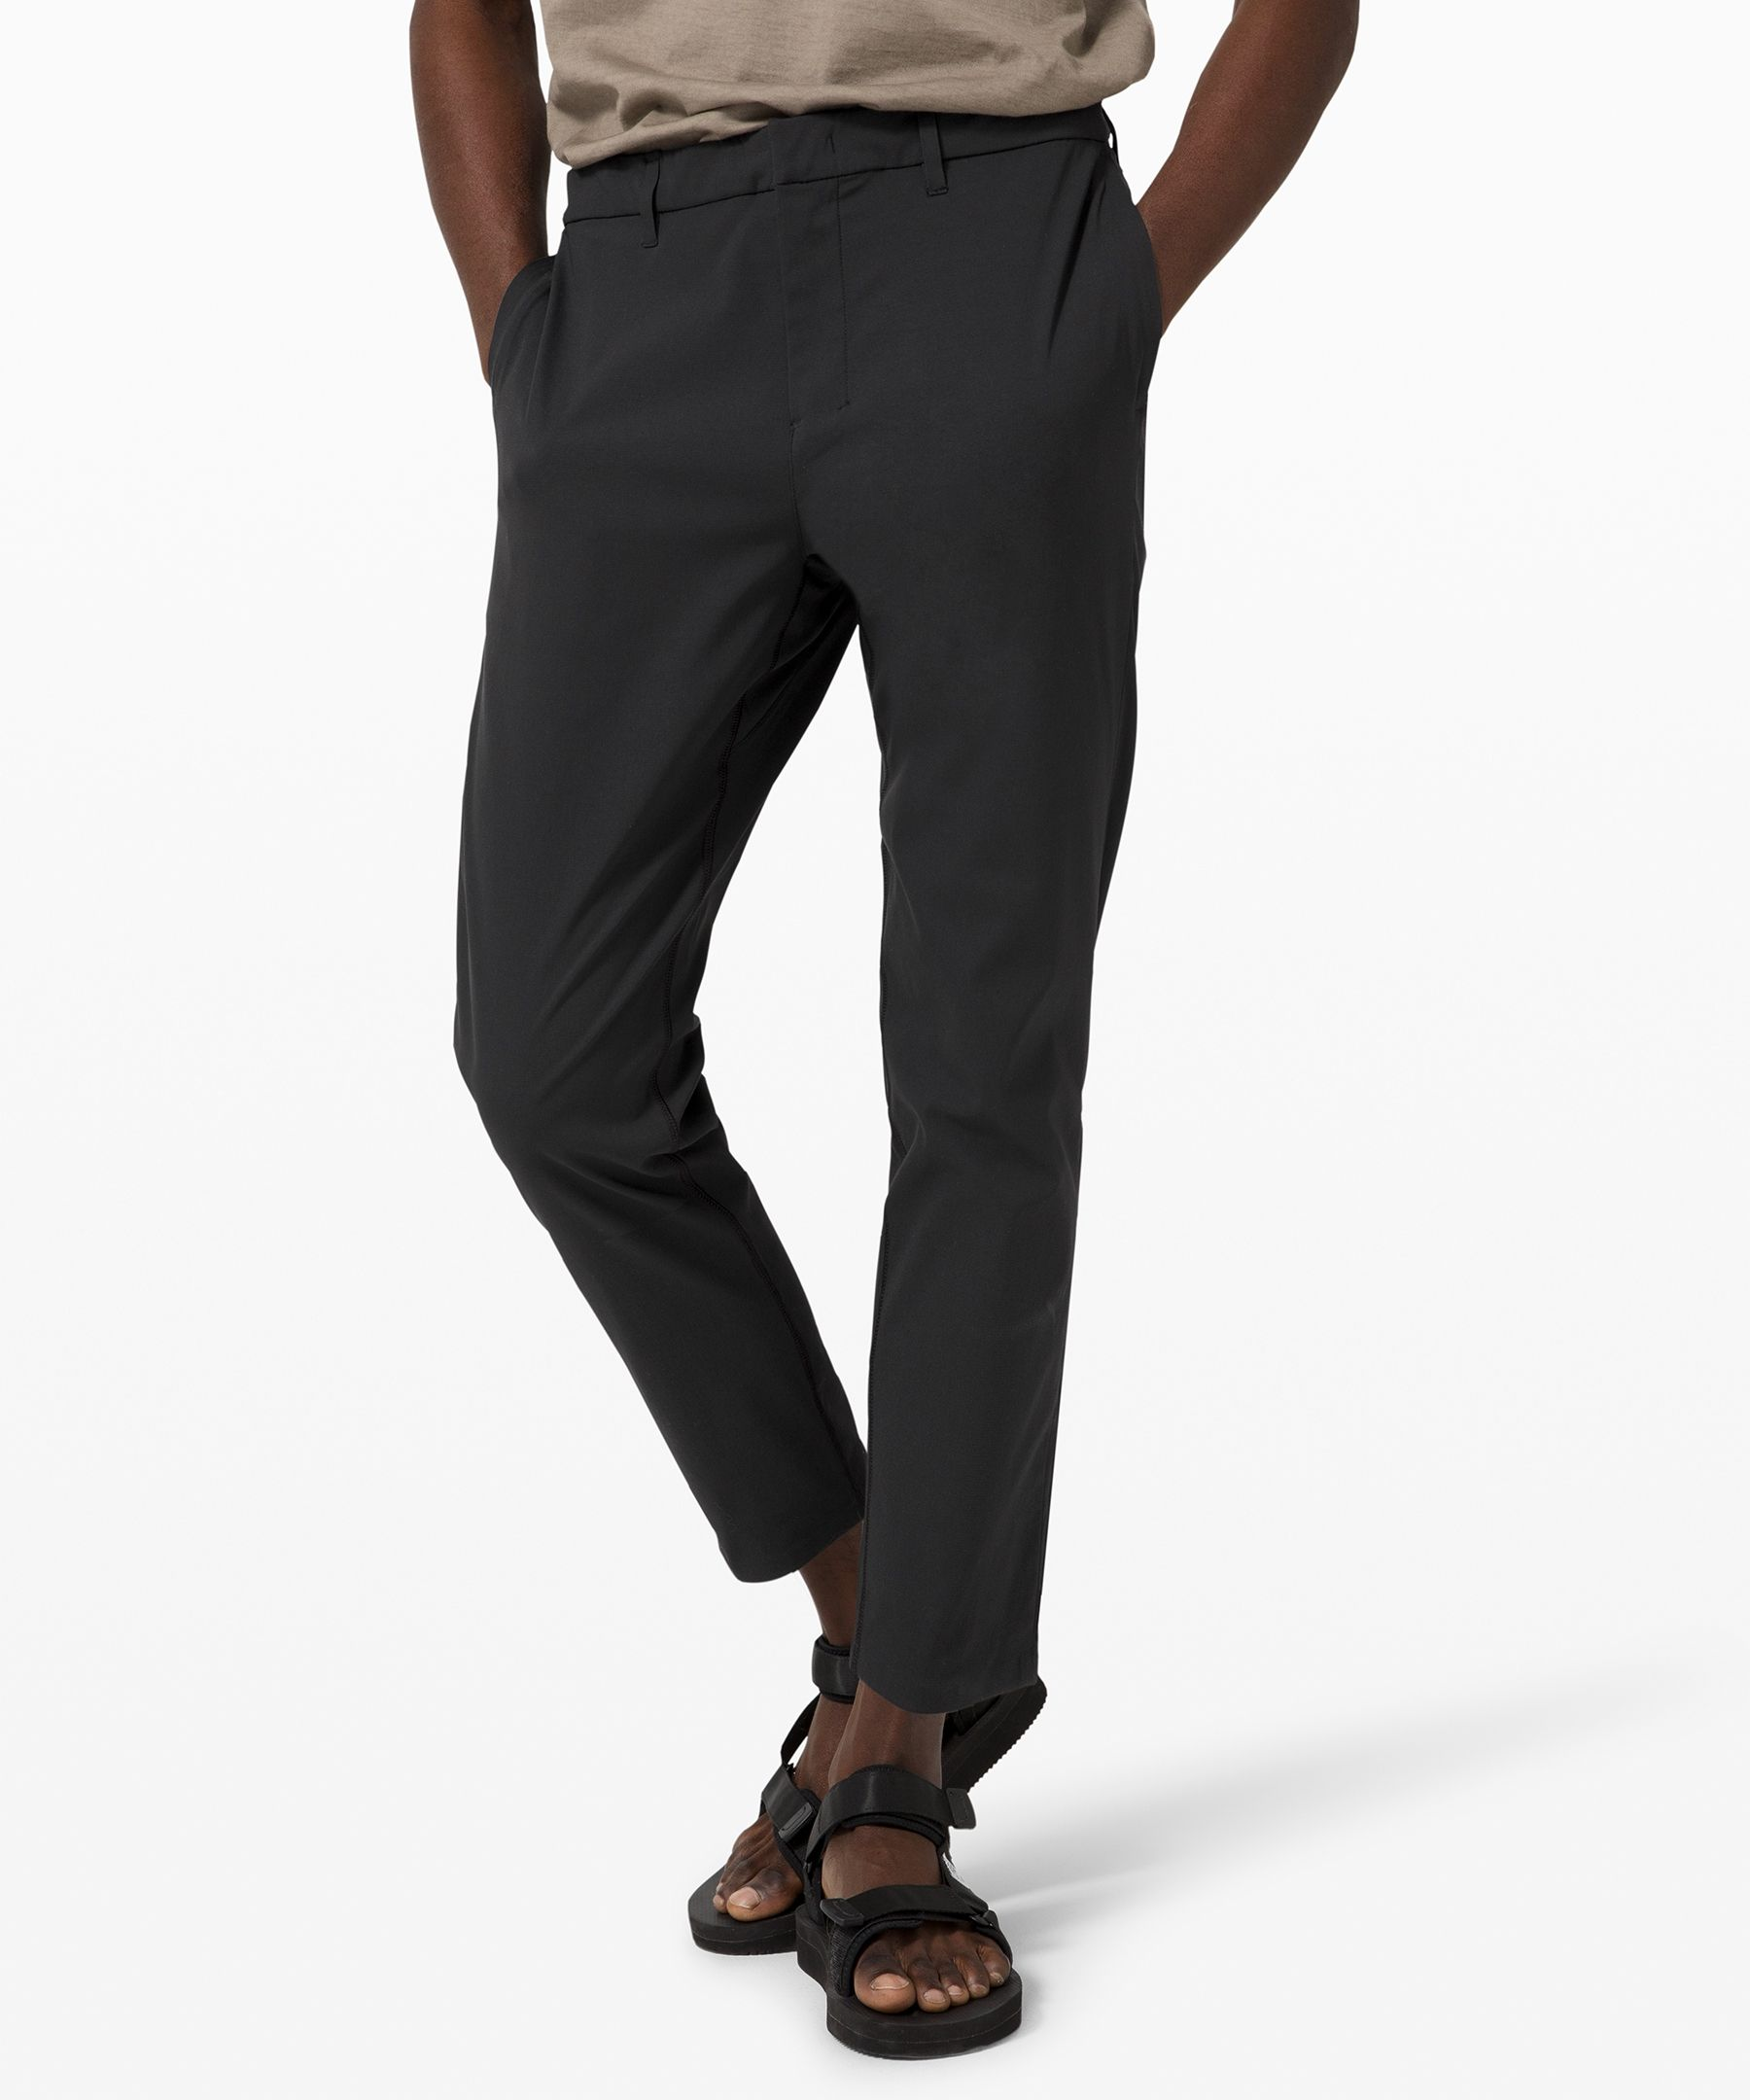 Photo of lululemon Men's Take The Moment Travel Pant 28″ lululemon X Robert Geller, Black, Size 36